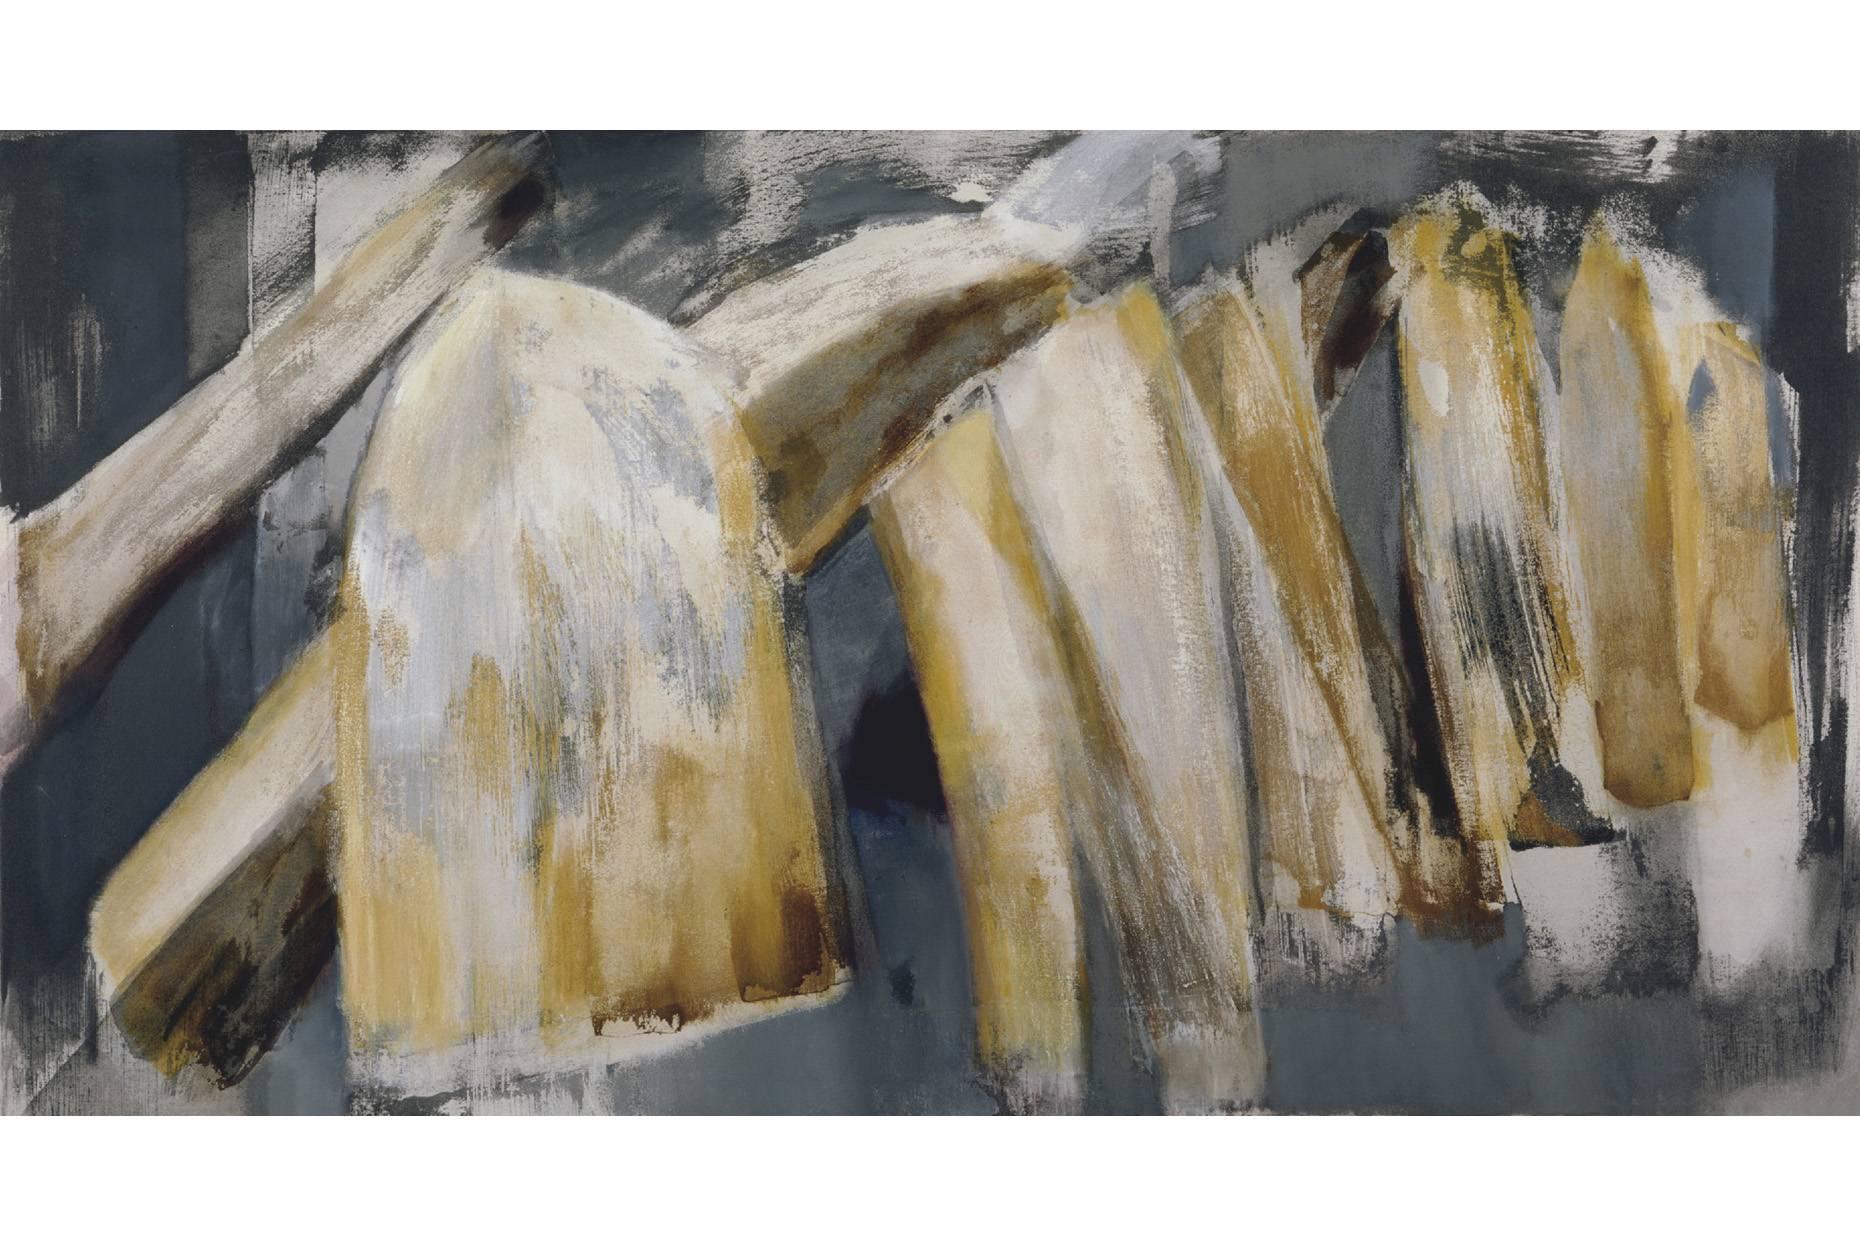 Fundus/Mitteilung 1997 Acryl und Oel a/Nessel 110 x170 cm